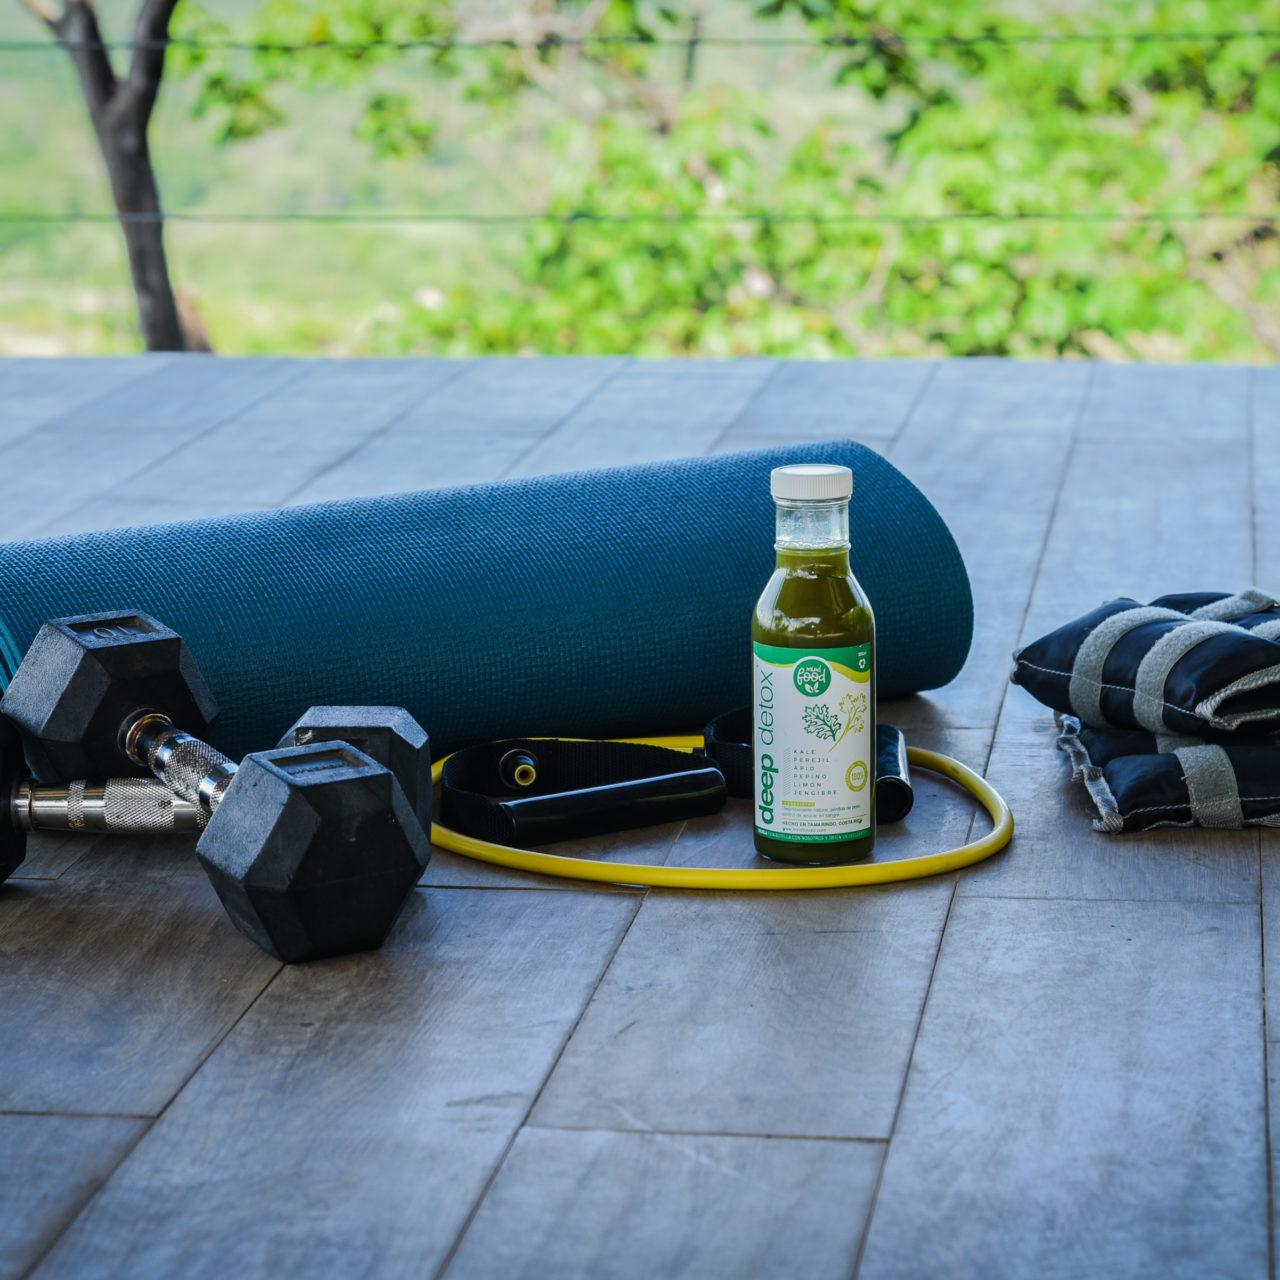 Dieta-anti-inflamatoria-costa-rica